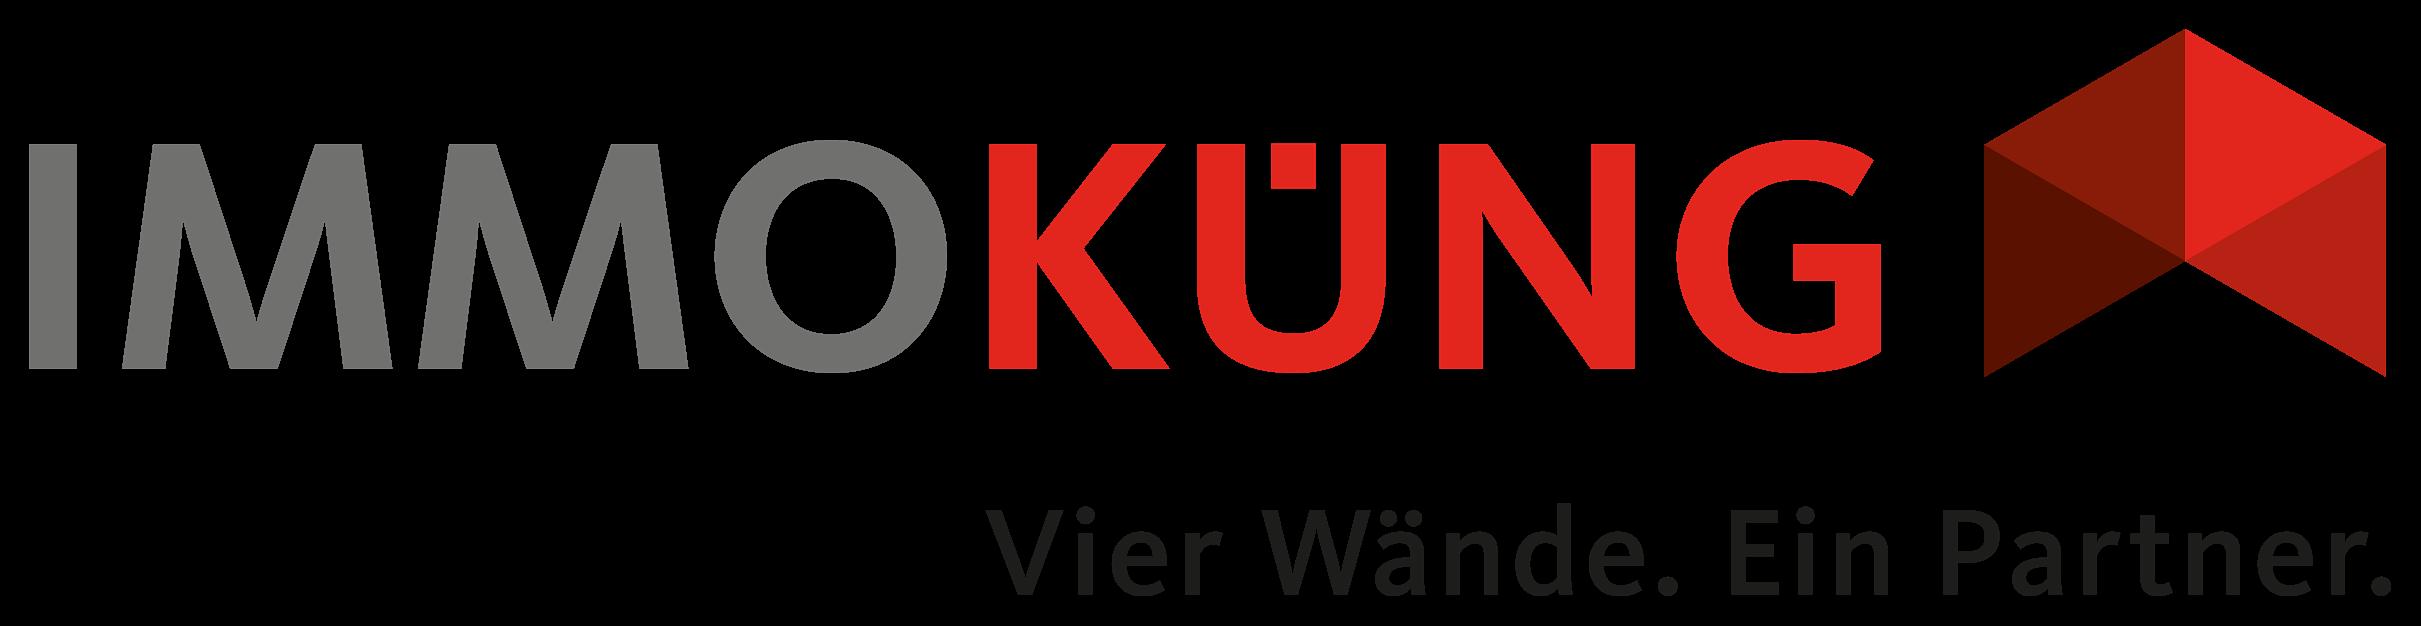 Immo-Küng GmbH